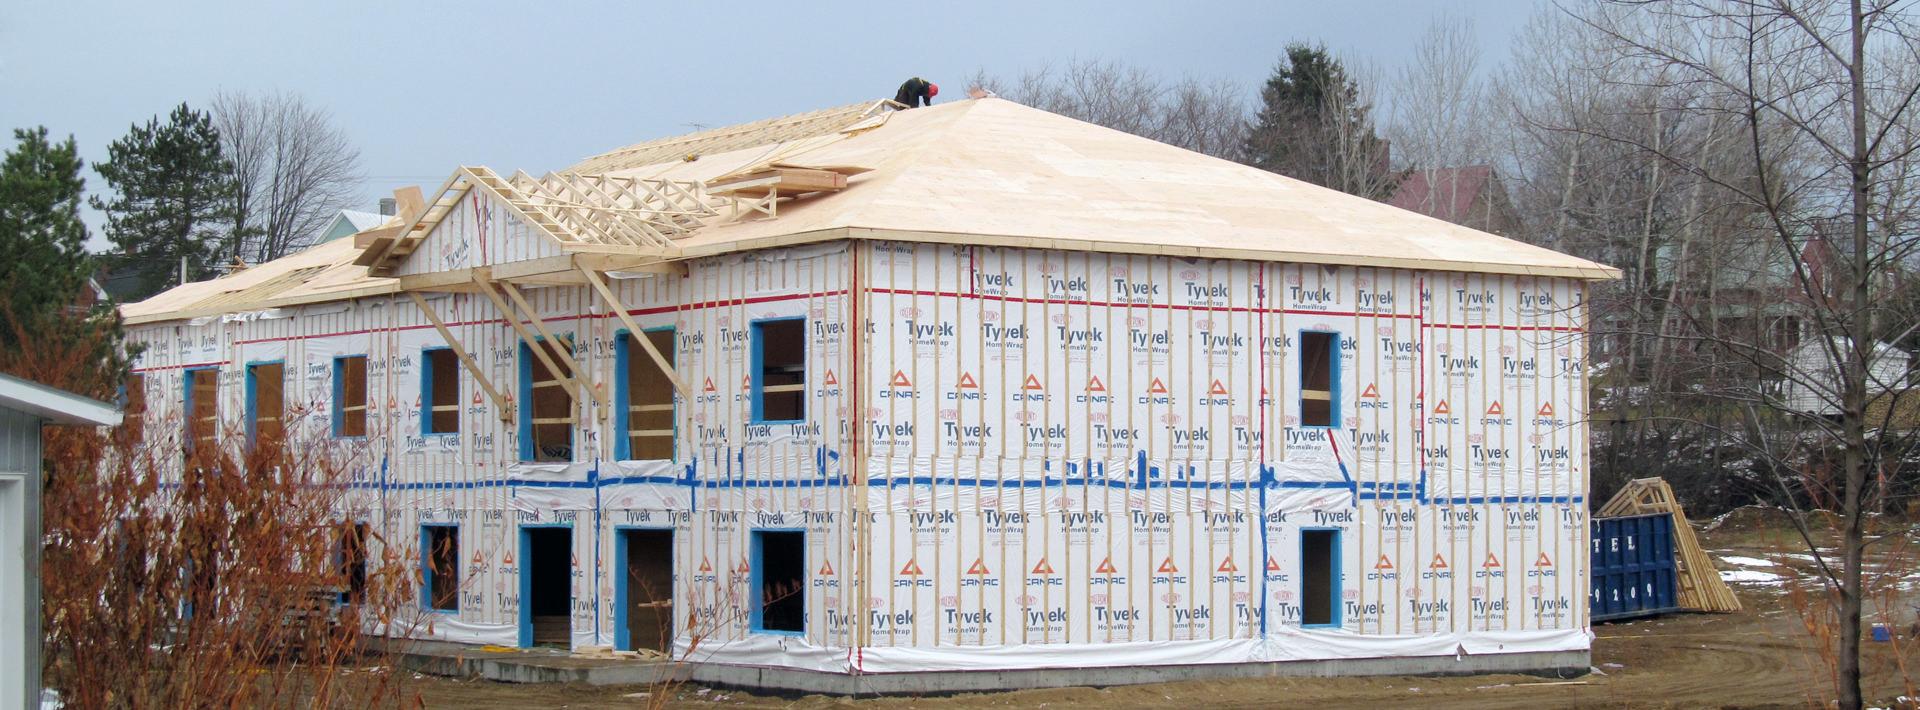 Image en-tête - Construction, rénovation et autres travaux